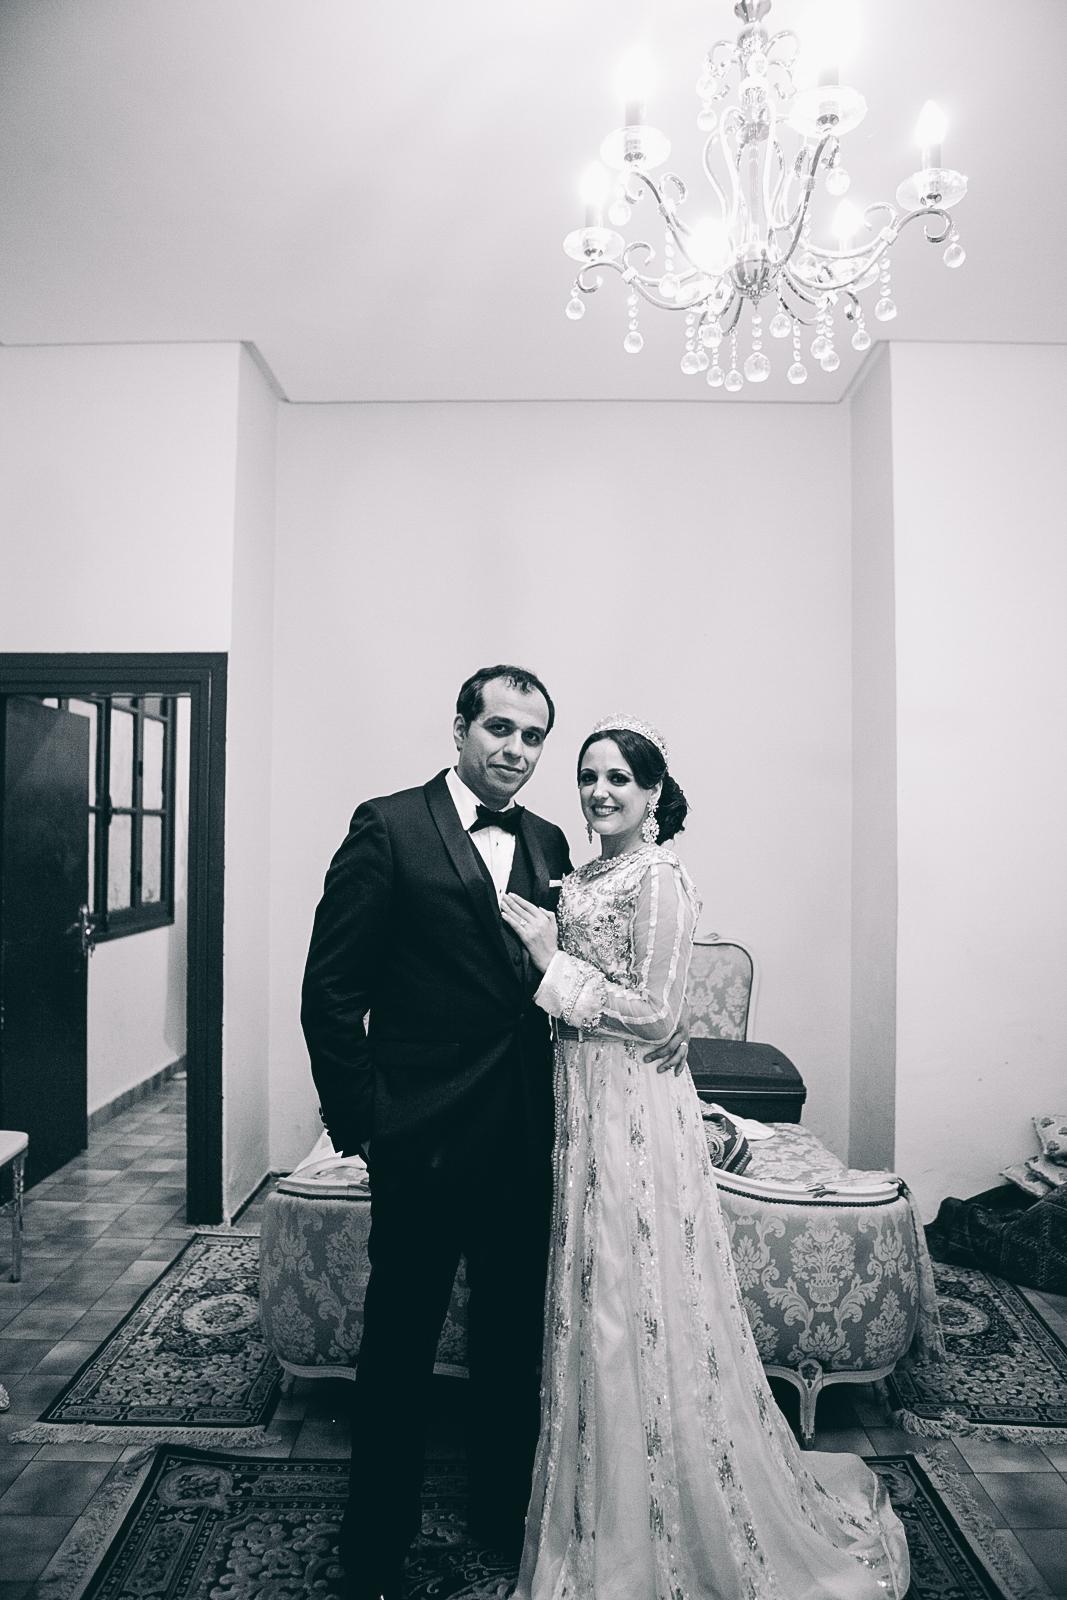 traditional_moroccan_wedding_photographry_casablanca_morocco_houda_vivek_ebony_siovhan_bokeh_photography_133.jpg